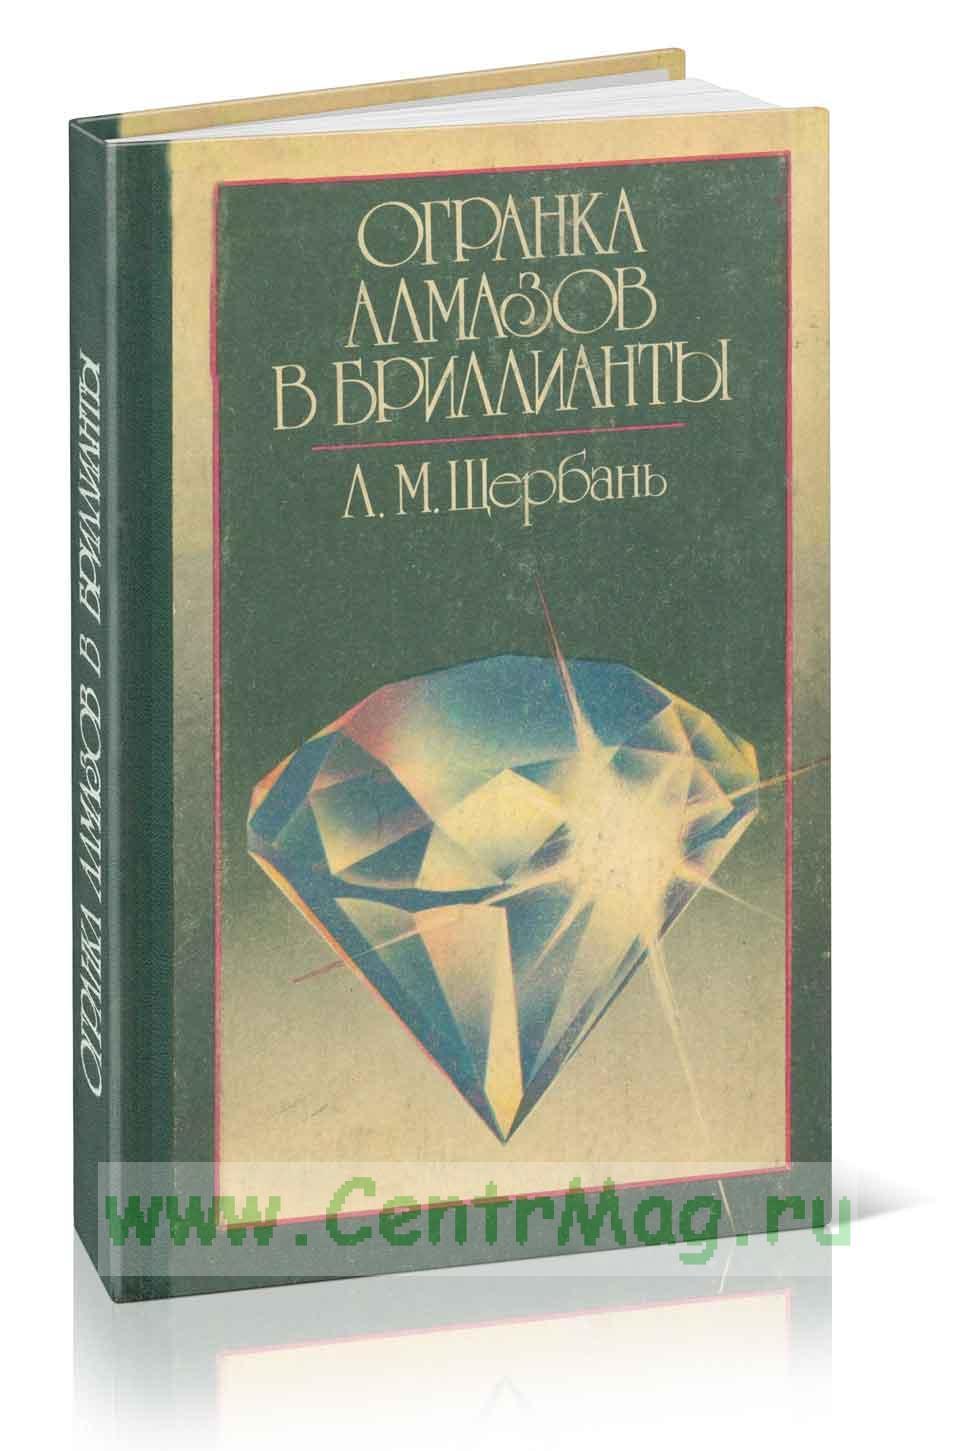 Огранка алмазов в бриллианты